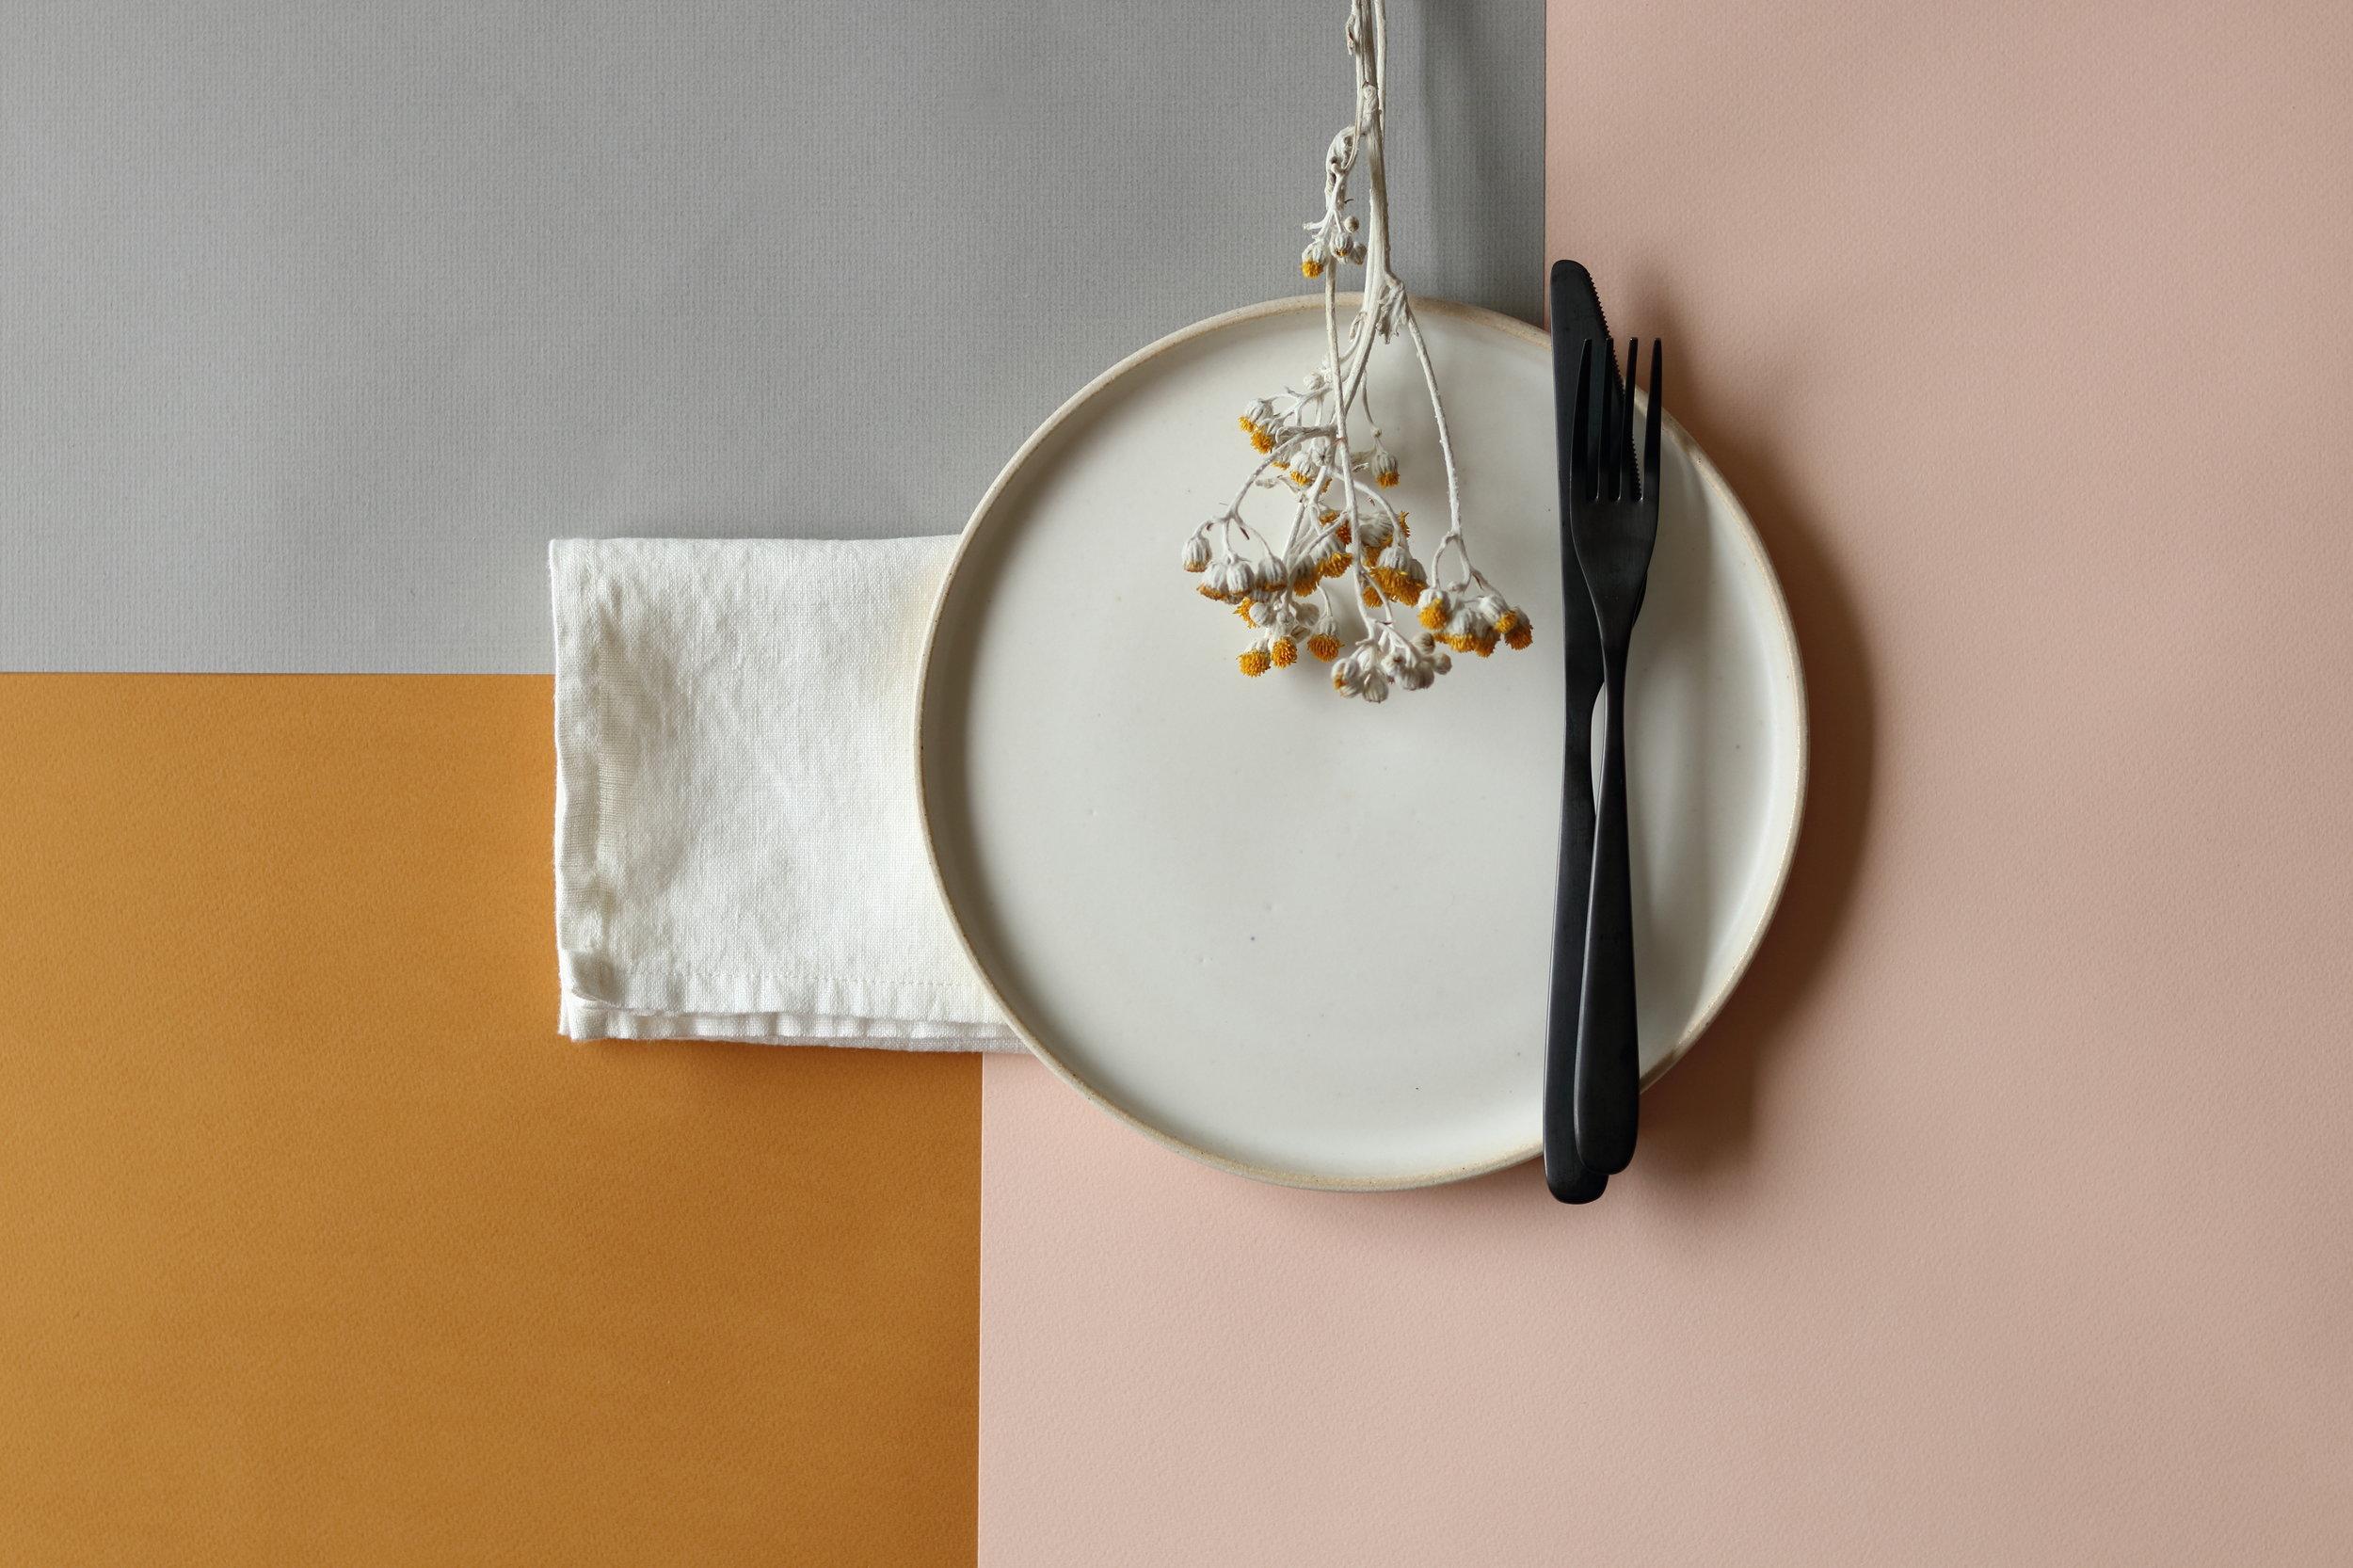 Oyster Linen Plate.JPG